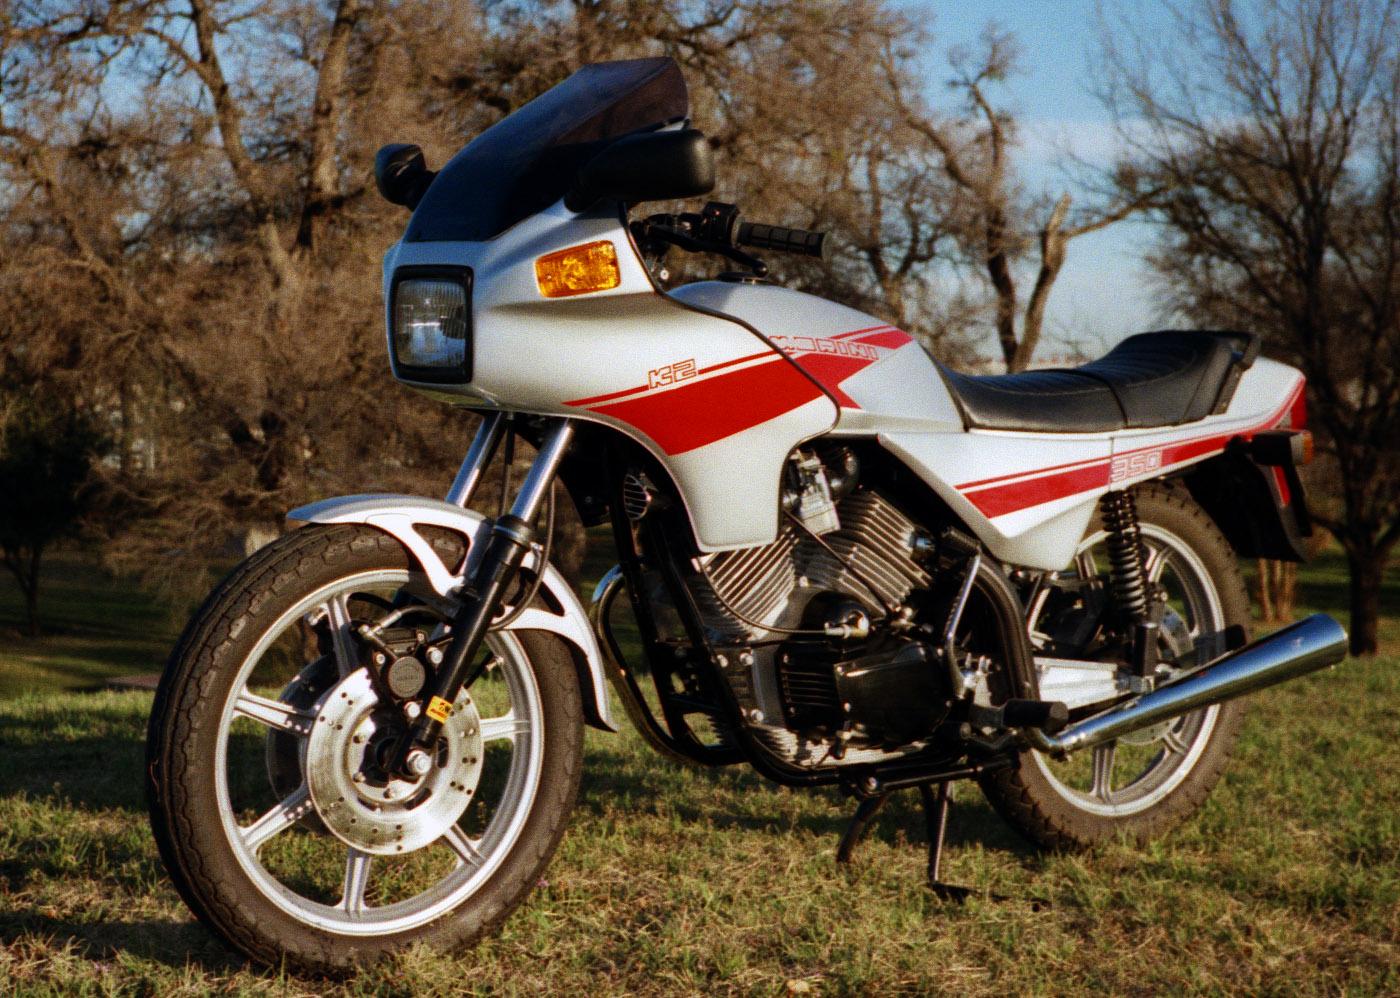 moto-morini-350-k2-1986